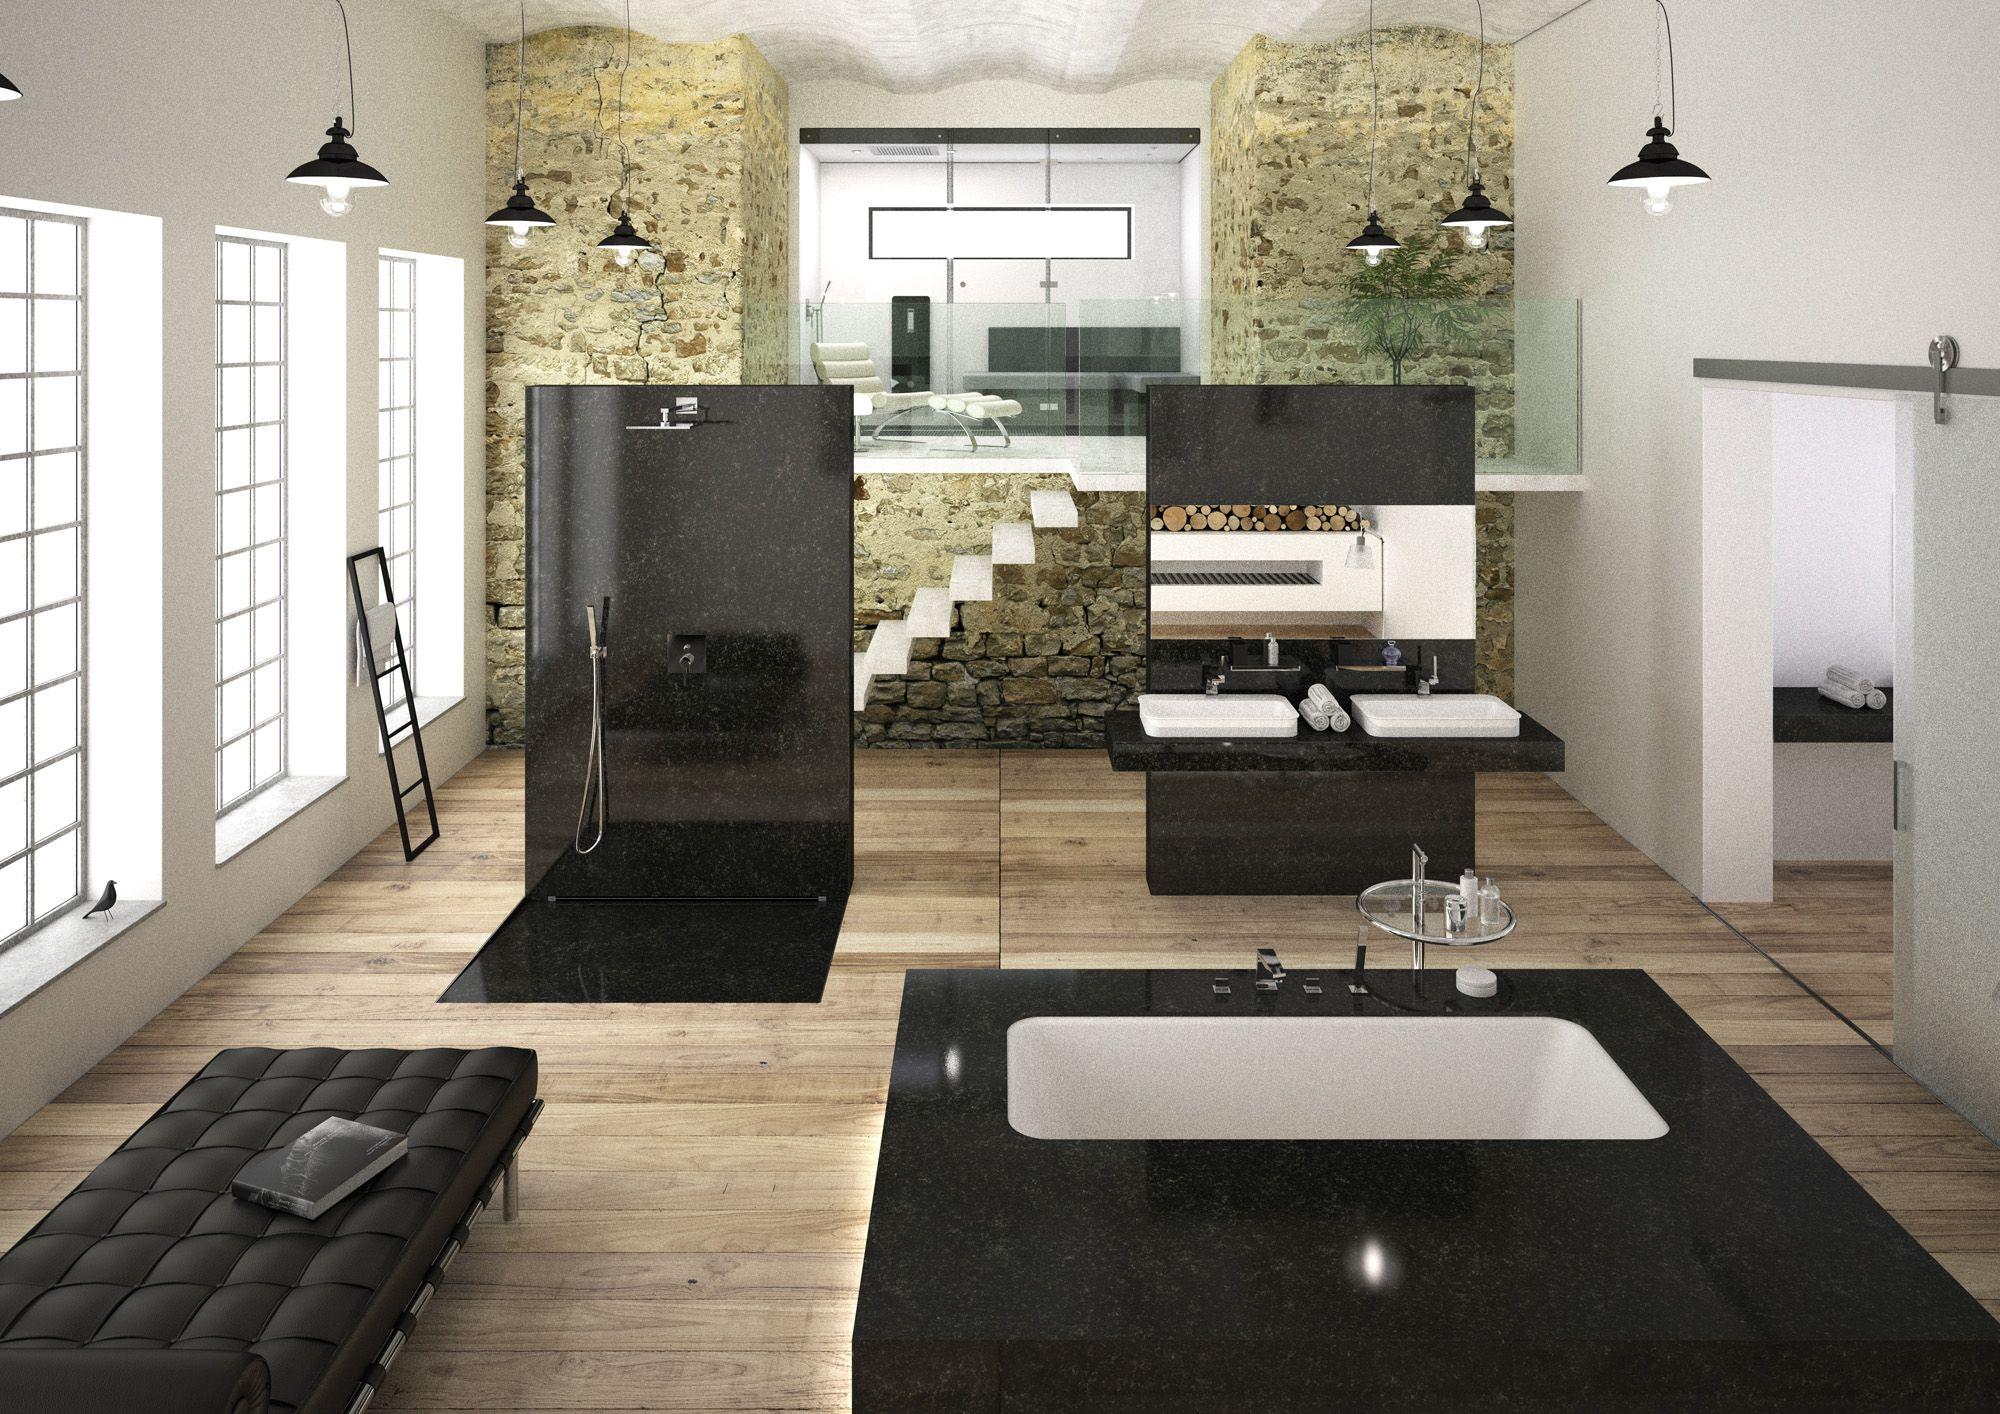 Stylige Badezimmereinrichtung In Einer Alten Industriehalle Foto Trendmagazin Wohnbaden Fotostudio Tlle